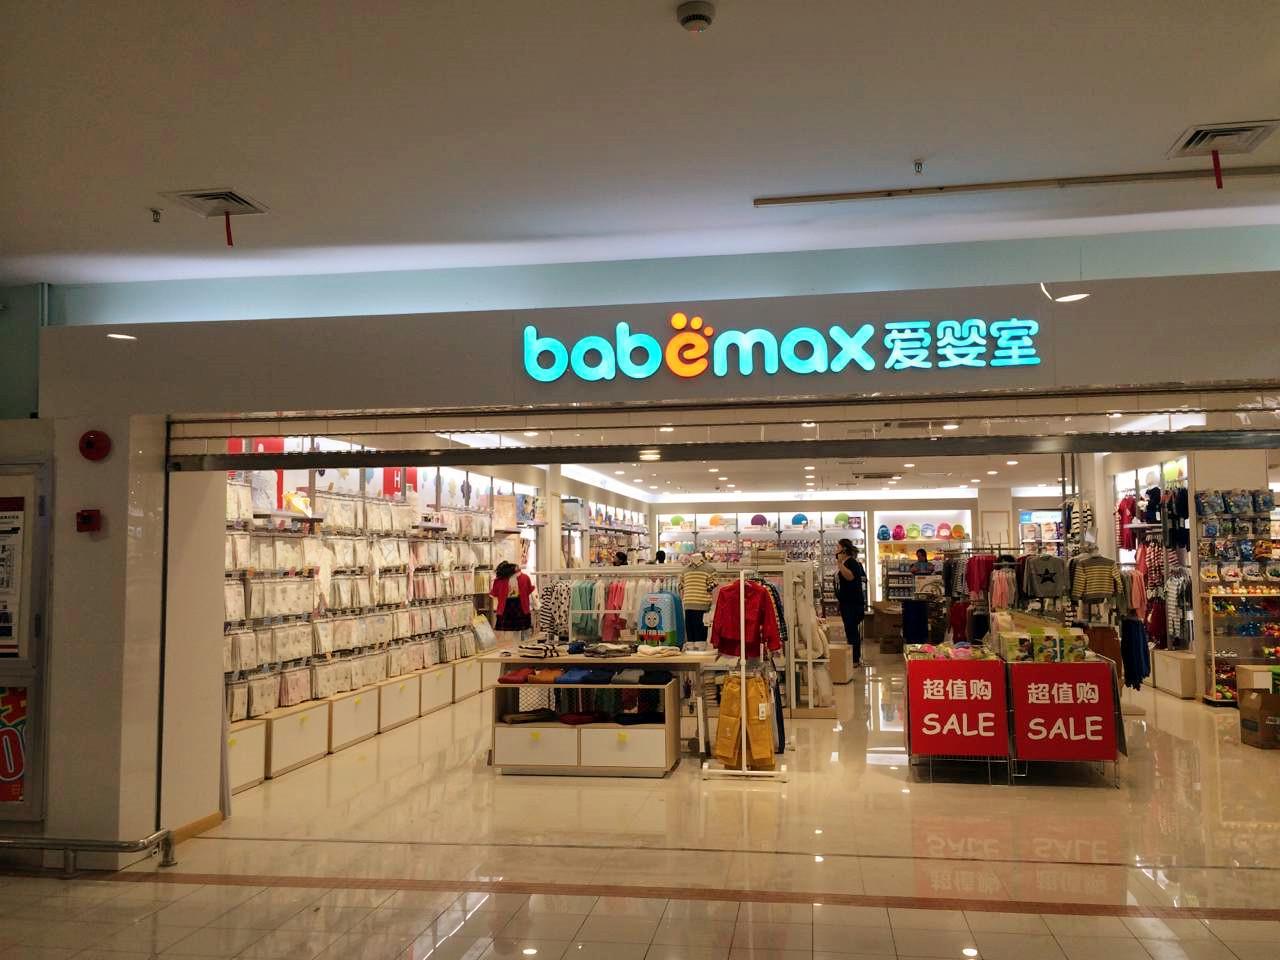 上海青浦家乐福店